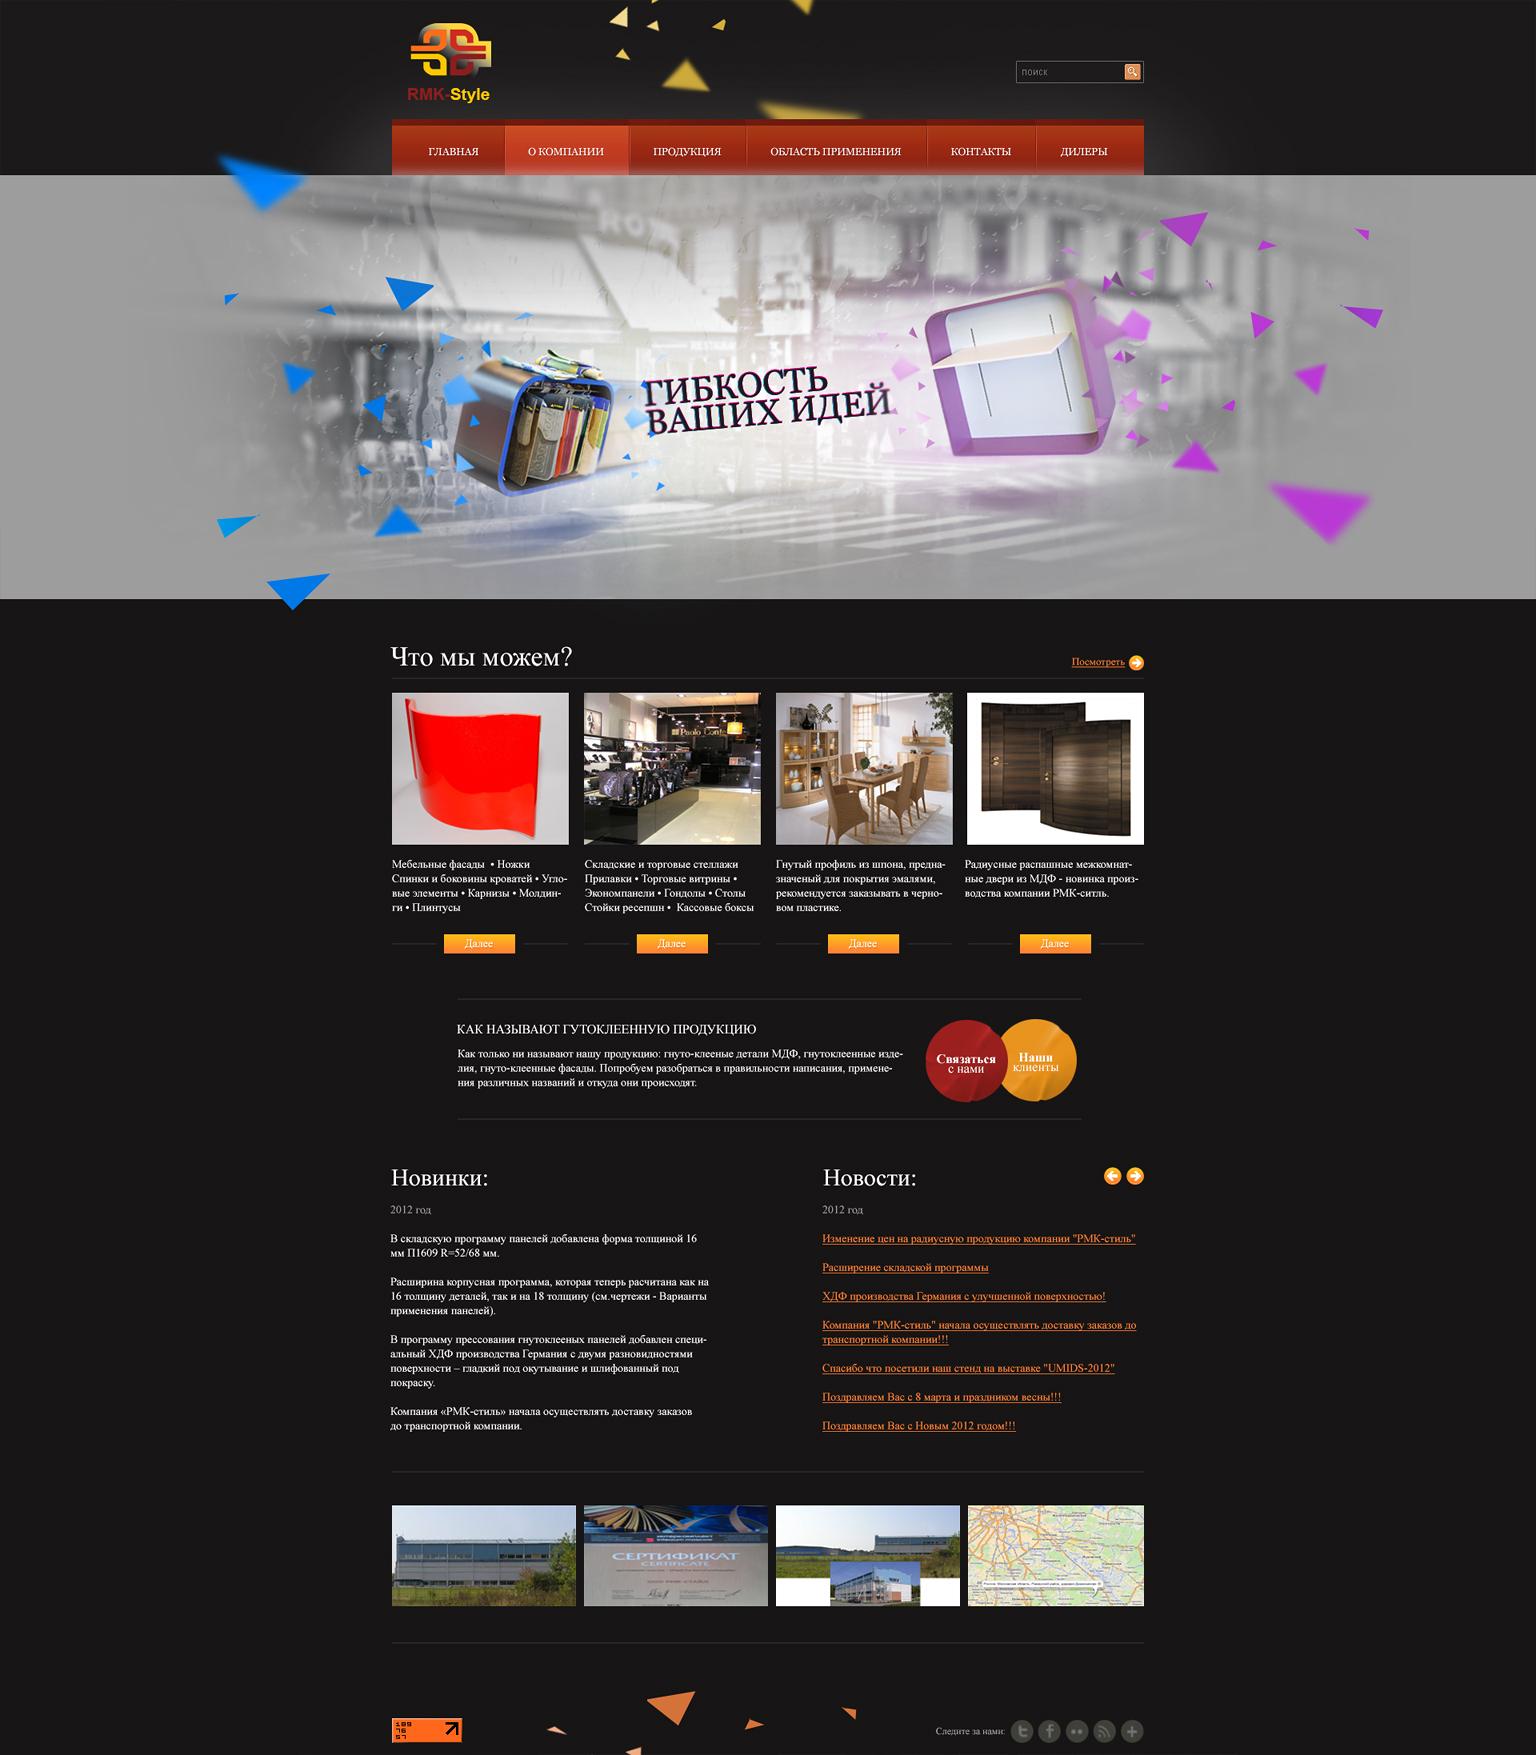 Дизайн сайта RMK Style